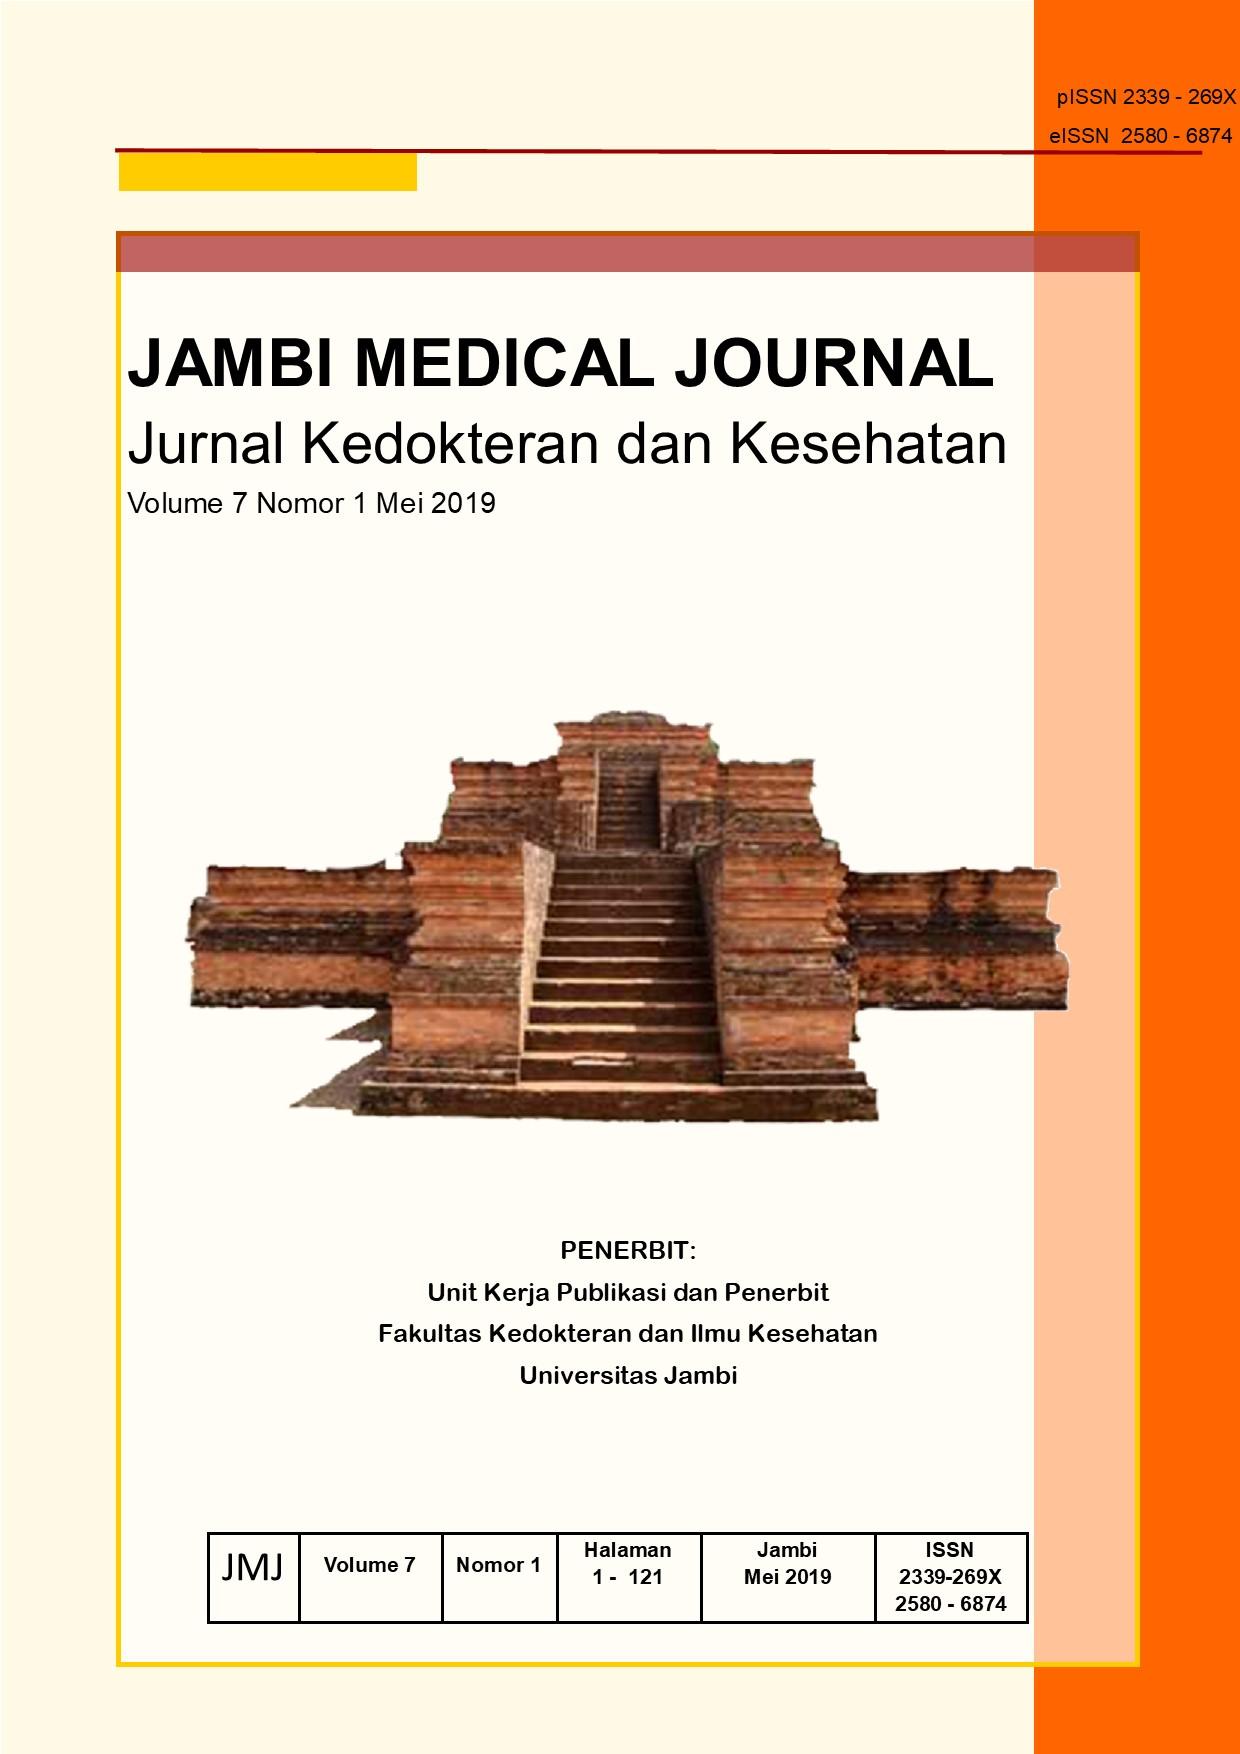 View Vol. 7 No. 1 (2019): JAMBI MEDICAL JOURNAL Jurnal Kedokteran Dan Kesehatan